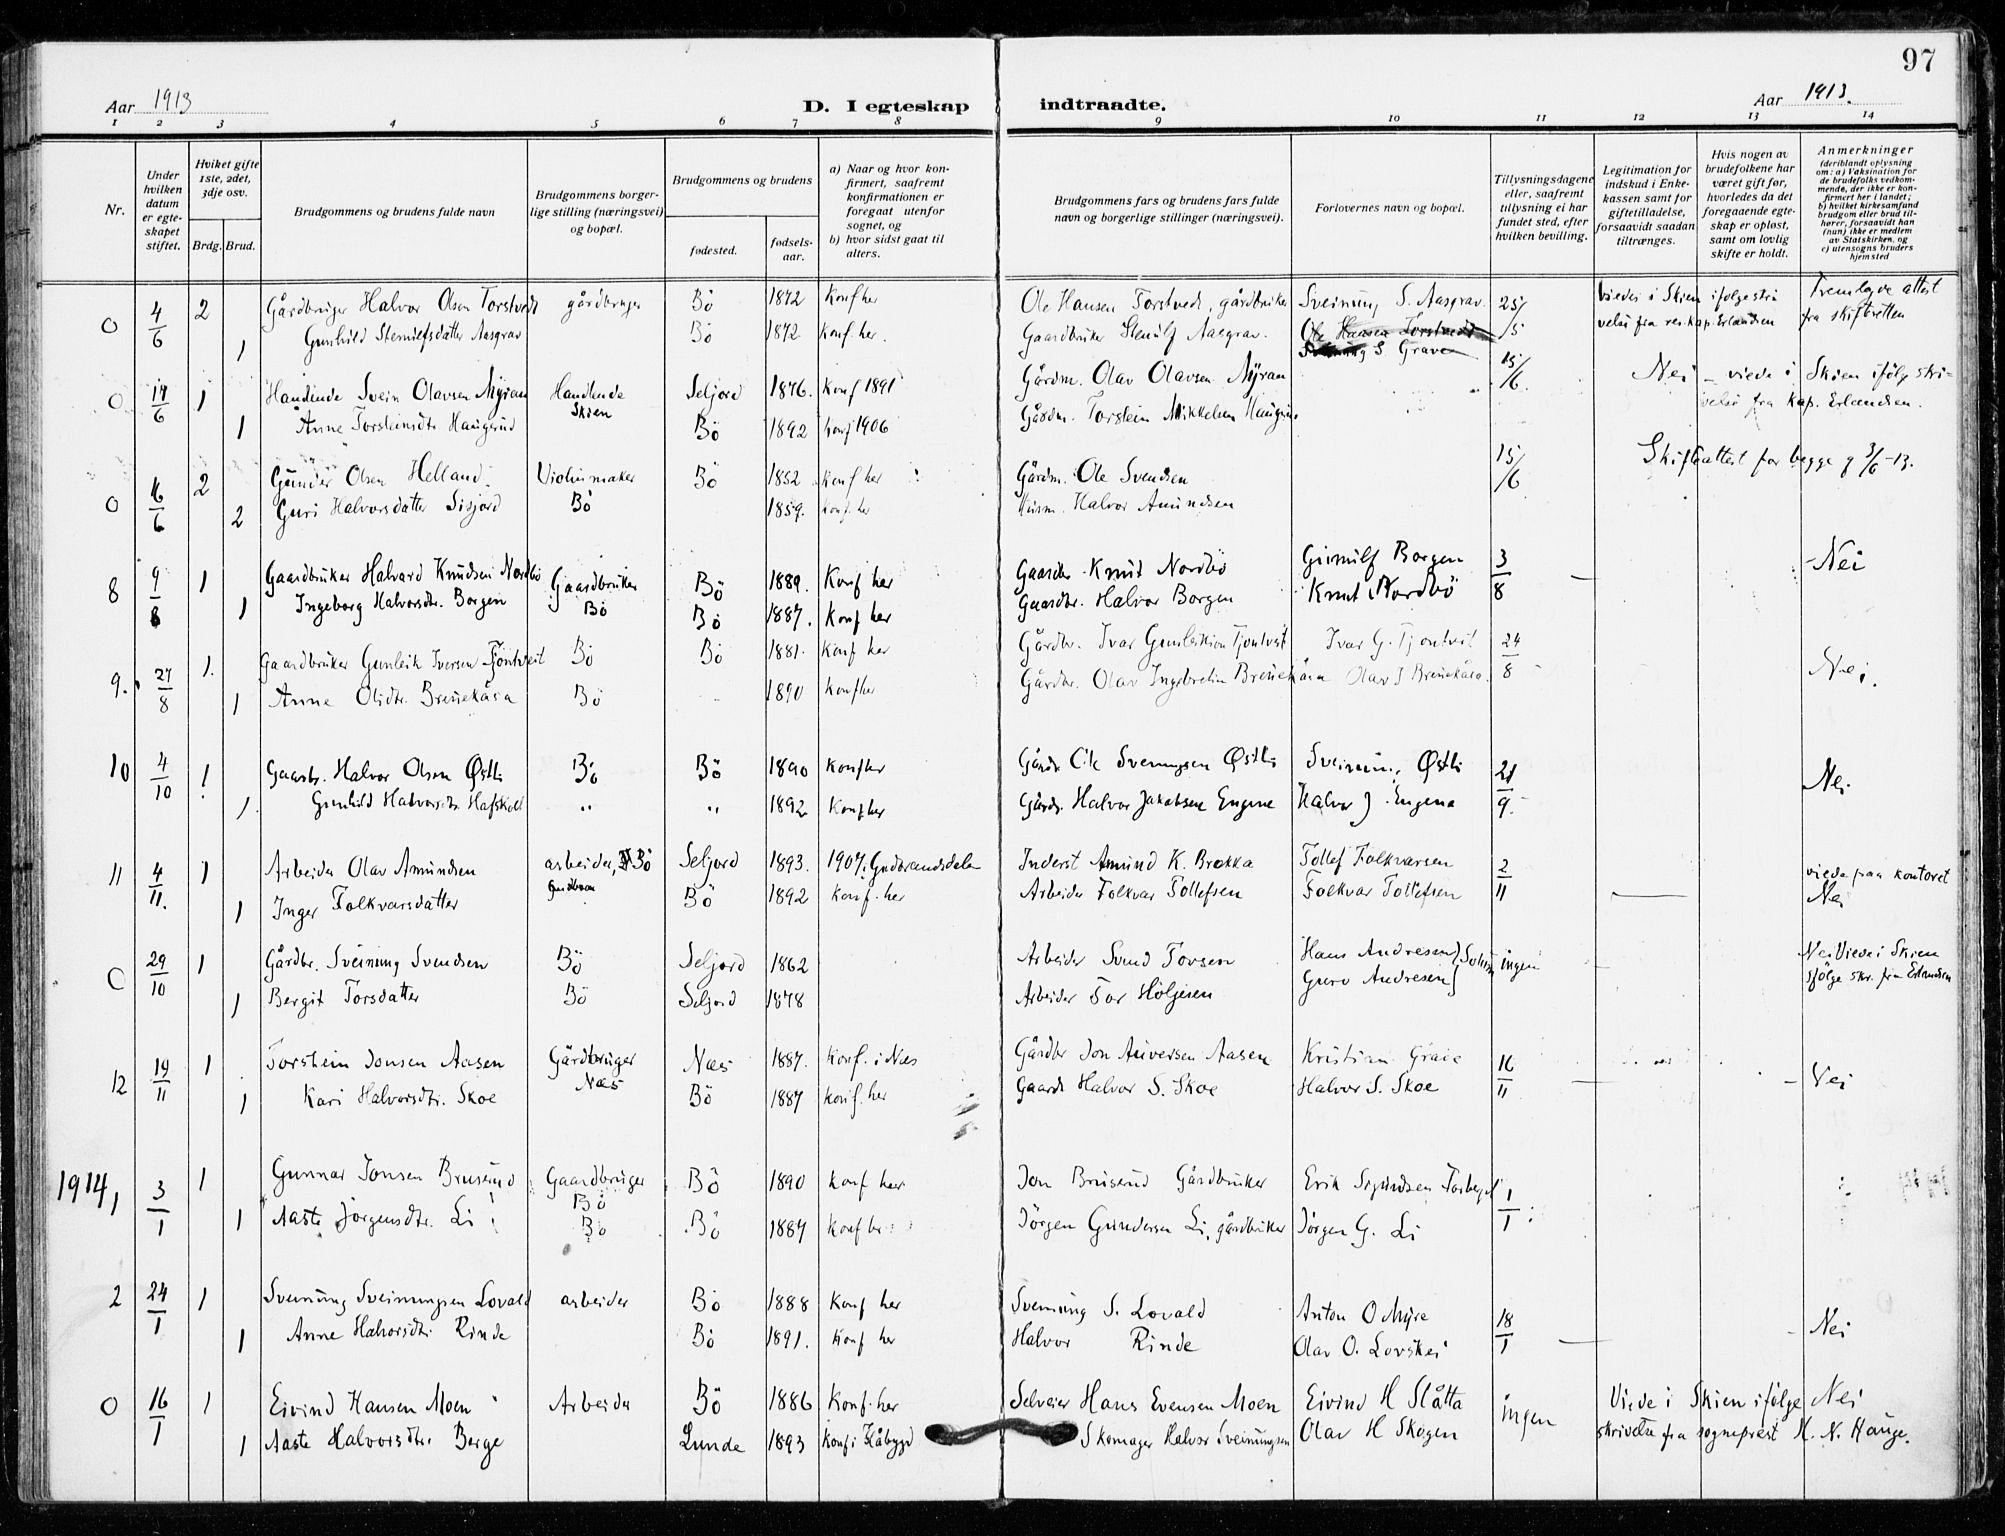 SAKO, Bø kirkebøker, F/Fa/L0013: Ministerialbok nr. 13, 1909-1921, s. 97